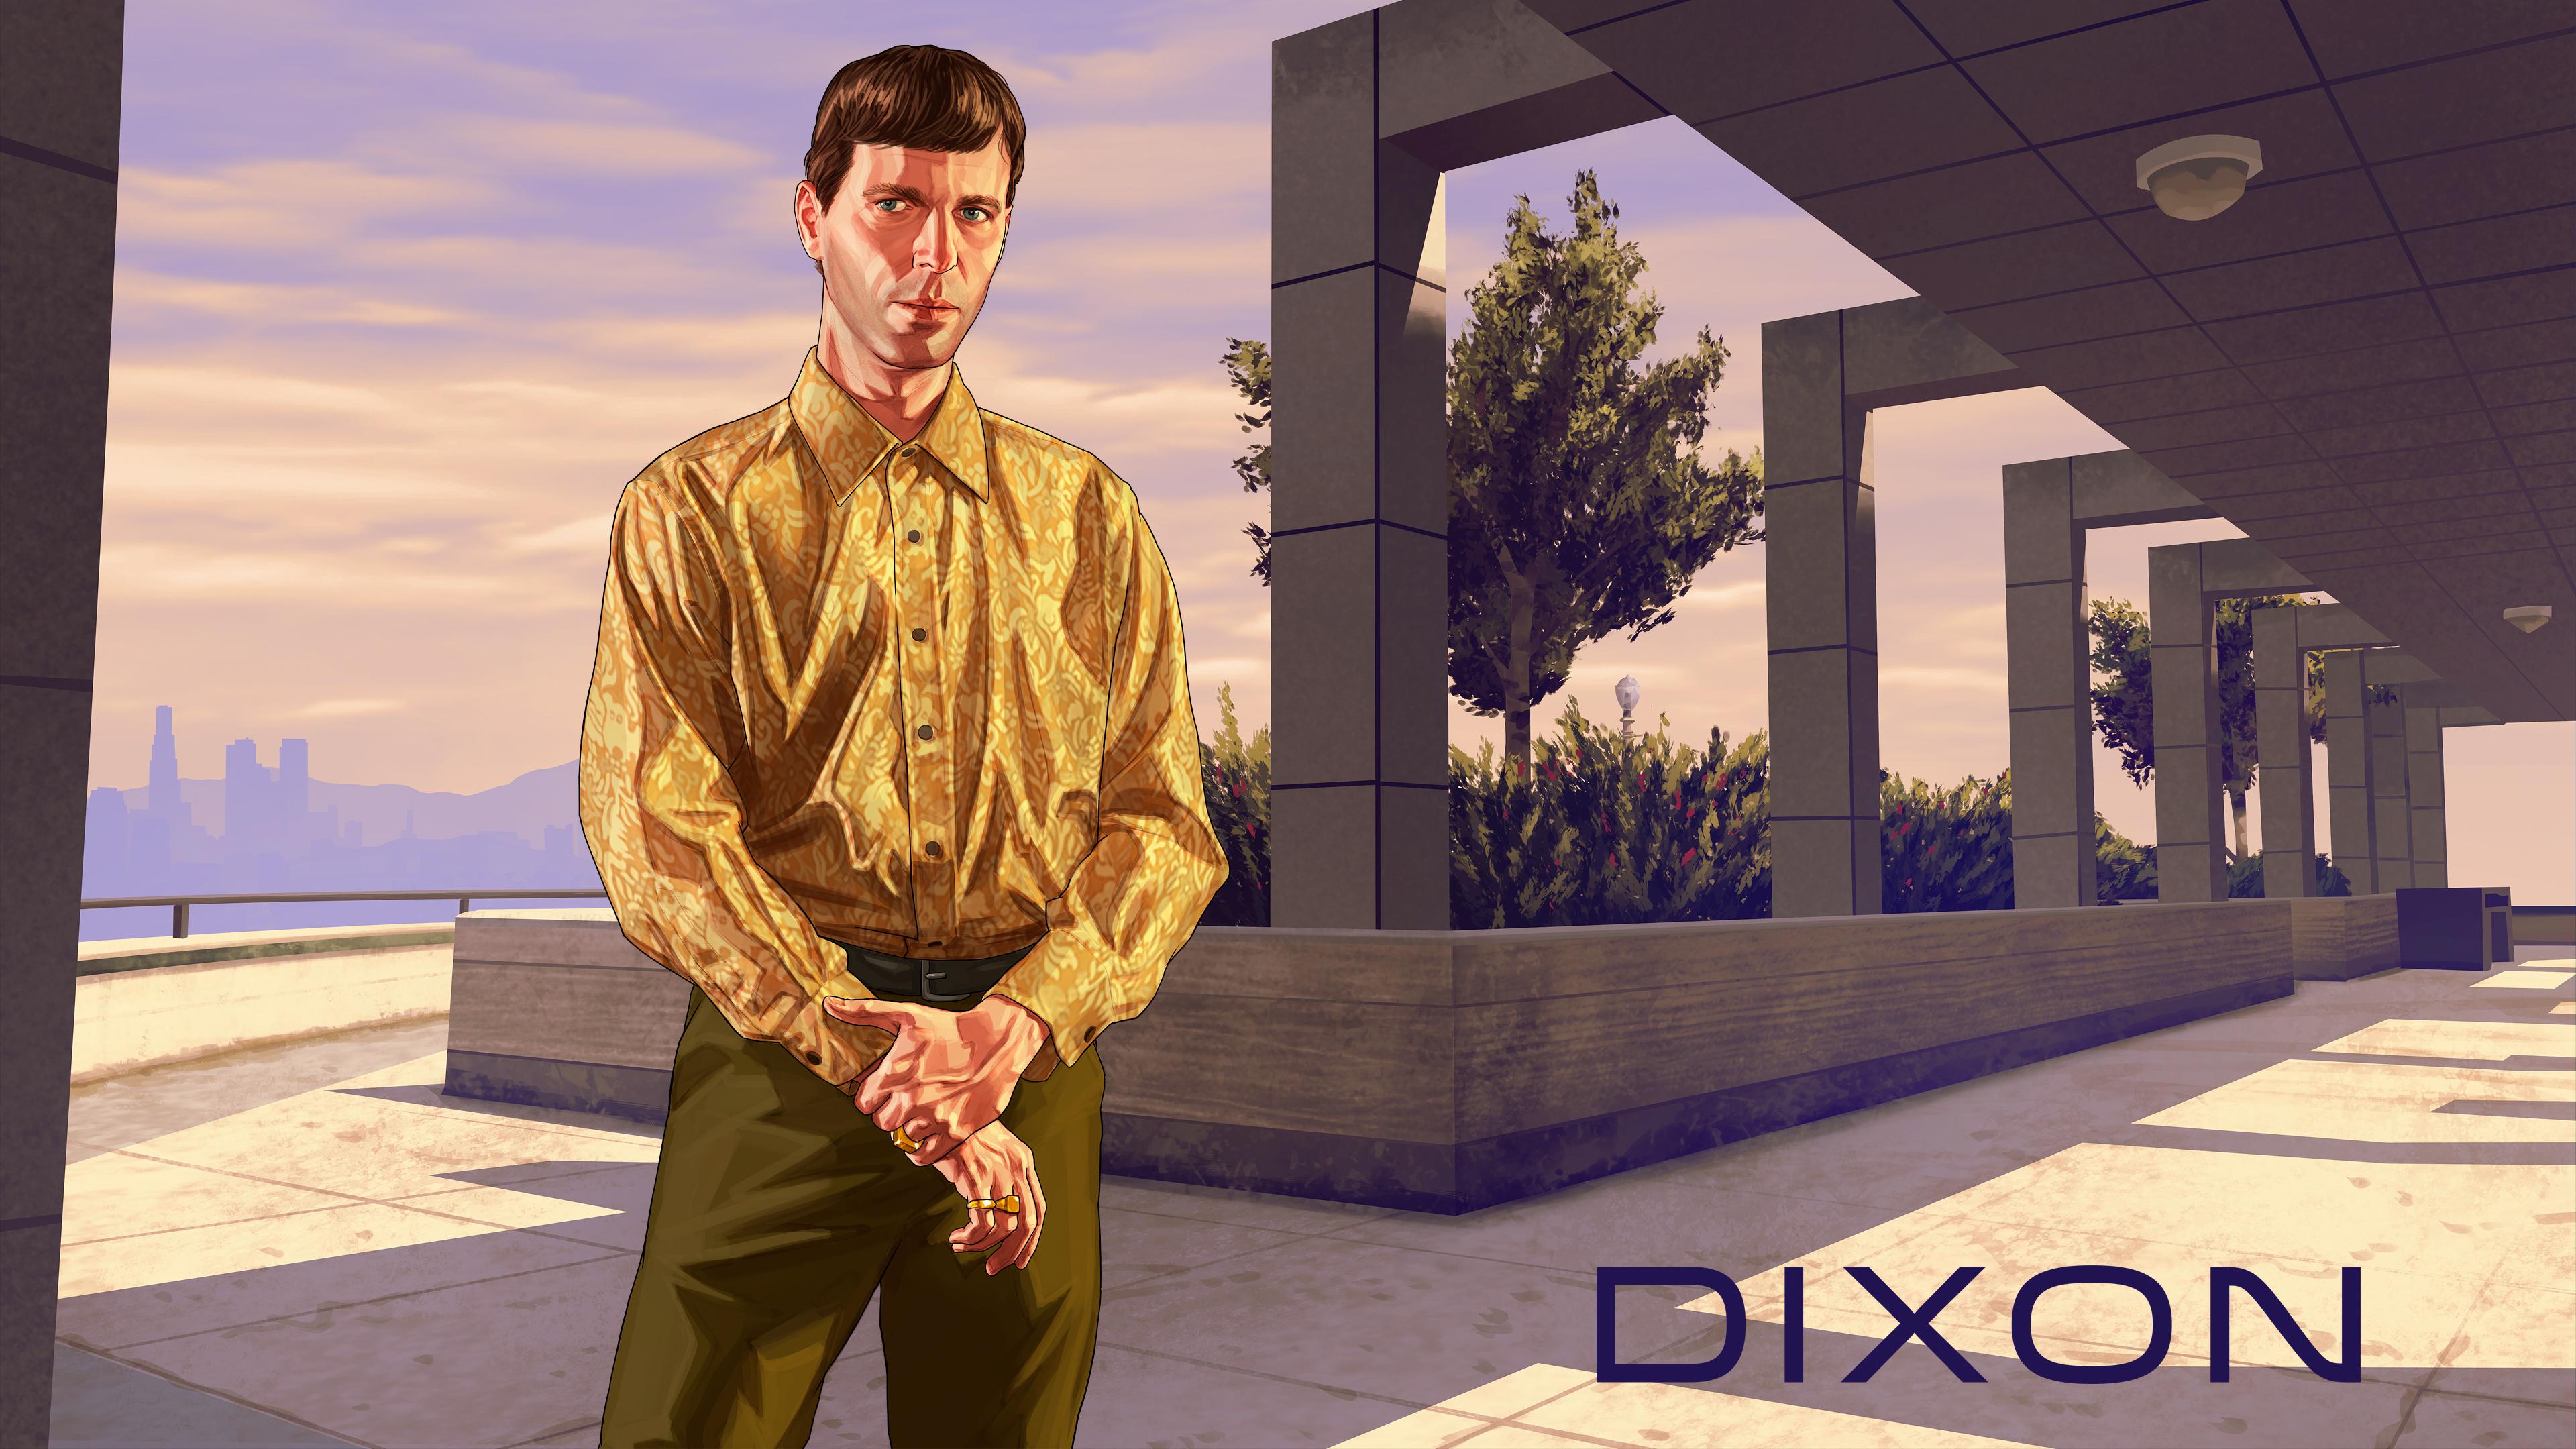 dixon grand theft auto v 2018 4k 1537691610 - Dixon Grand Theft Auto V 2018 4k - hd-wallpapers, gta wallpapers, gta 5 wallpapers, games wallpapers, 4k-wallpapers, 2018 games wallpapers